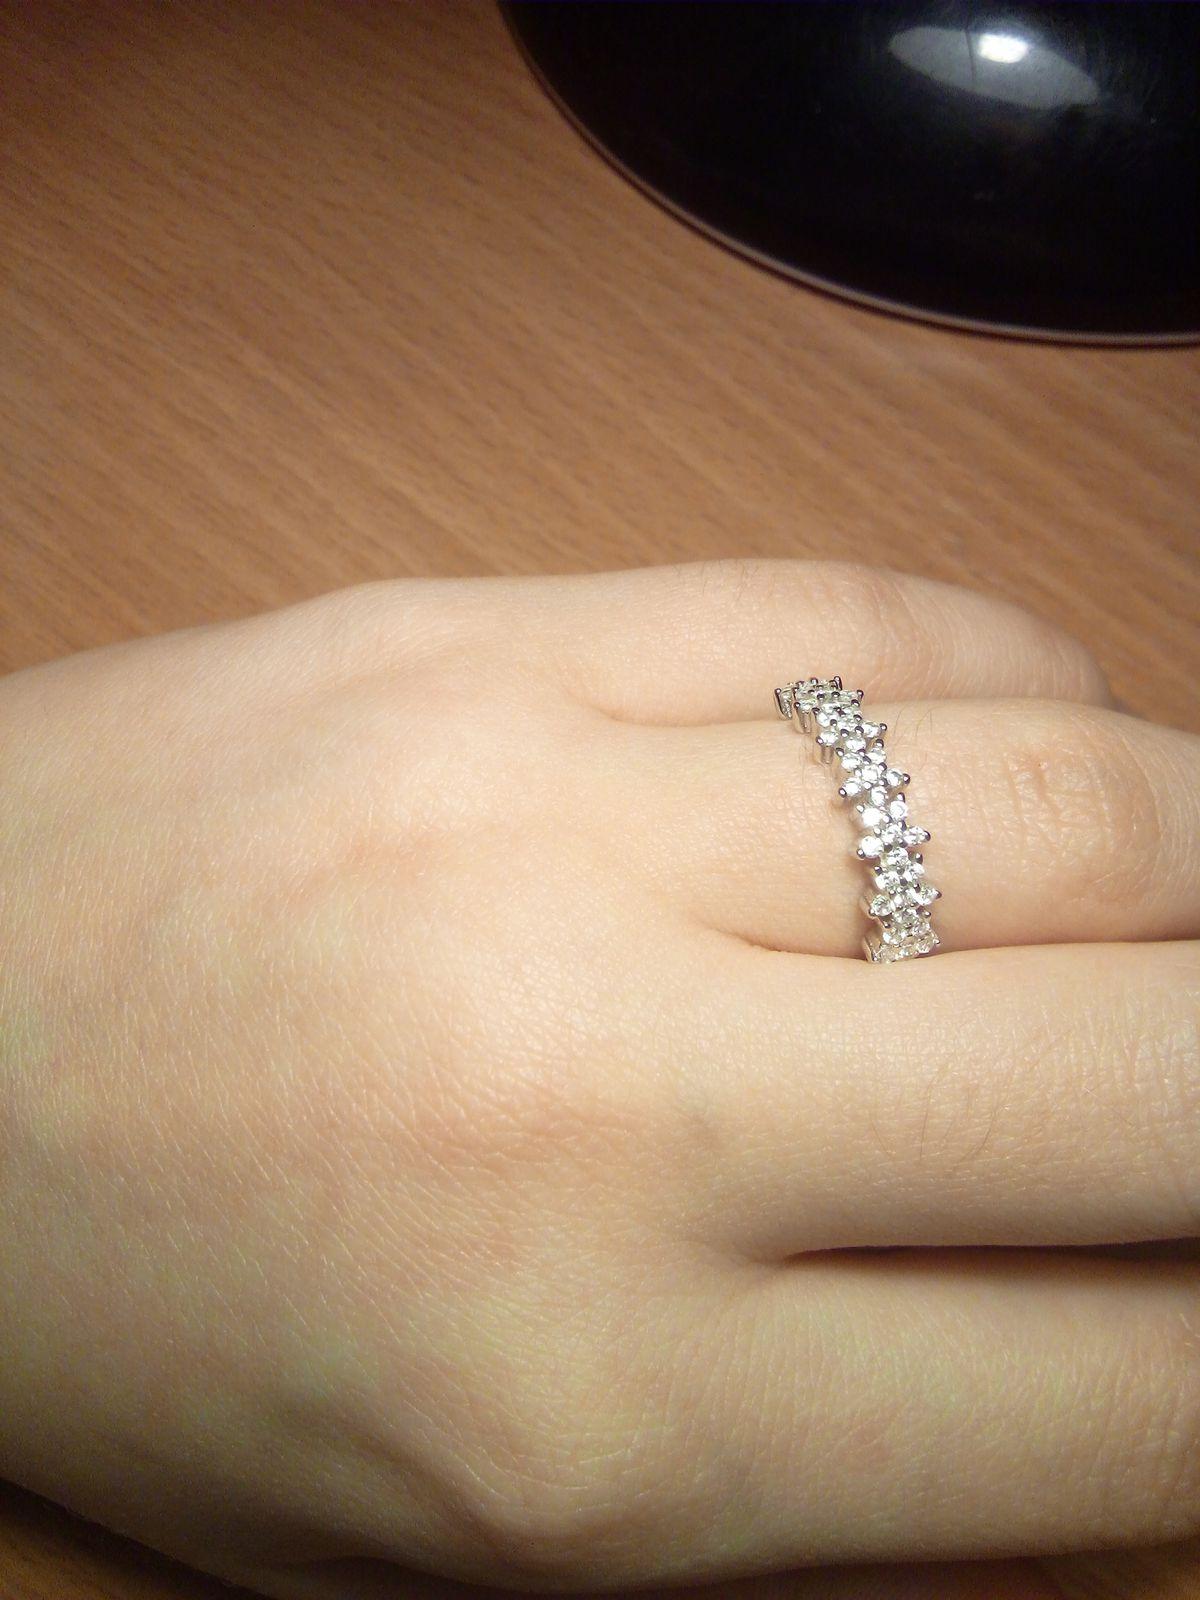 Купила кольцо в подарок, так сильно понравилось, что хотела оставить себе.